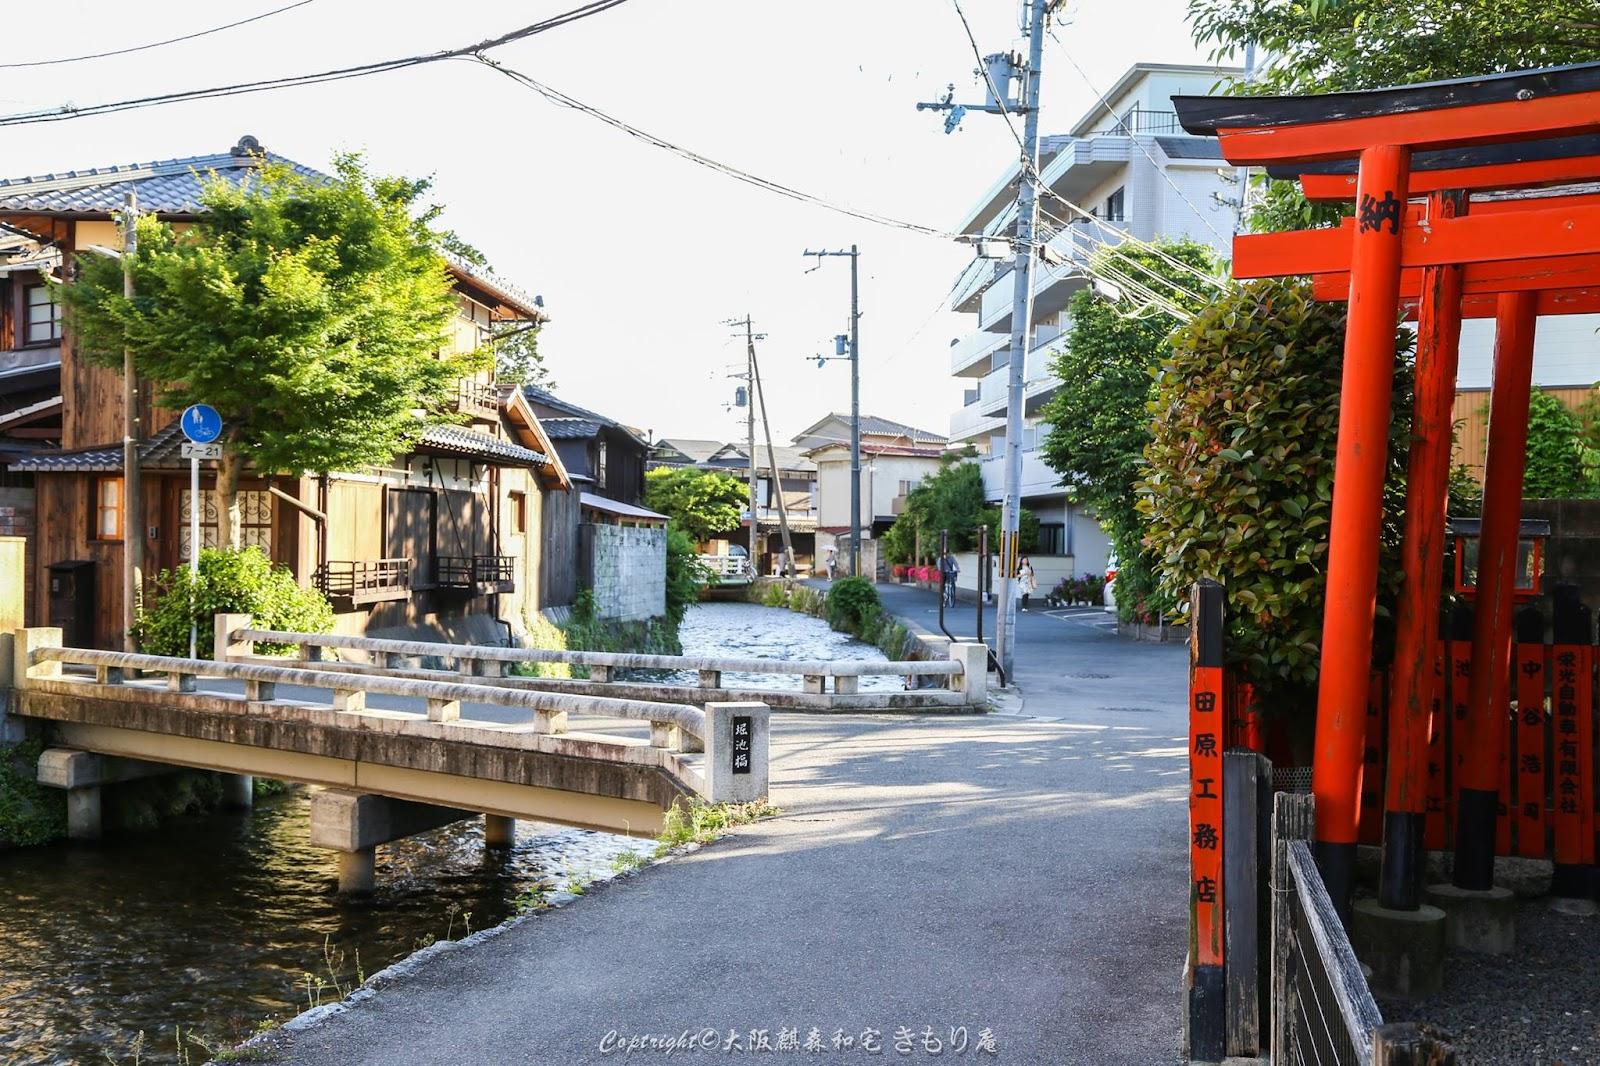 京都那座橋周邊